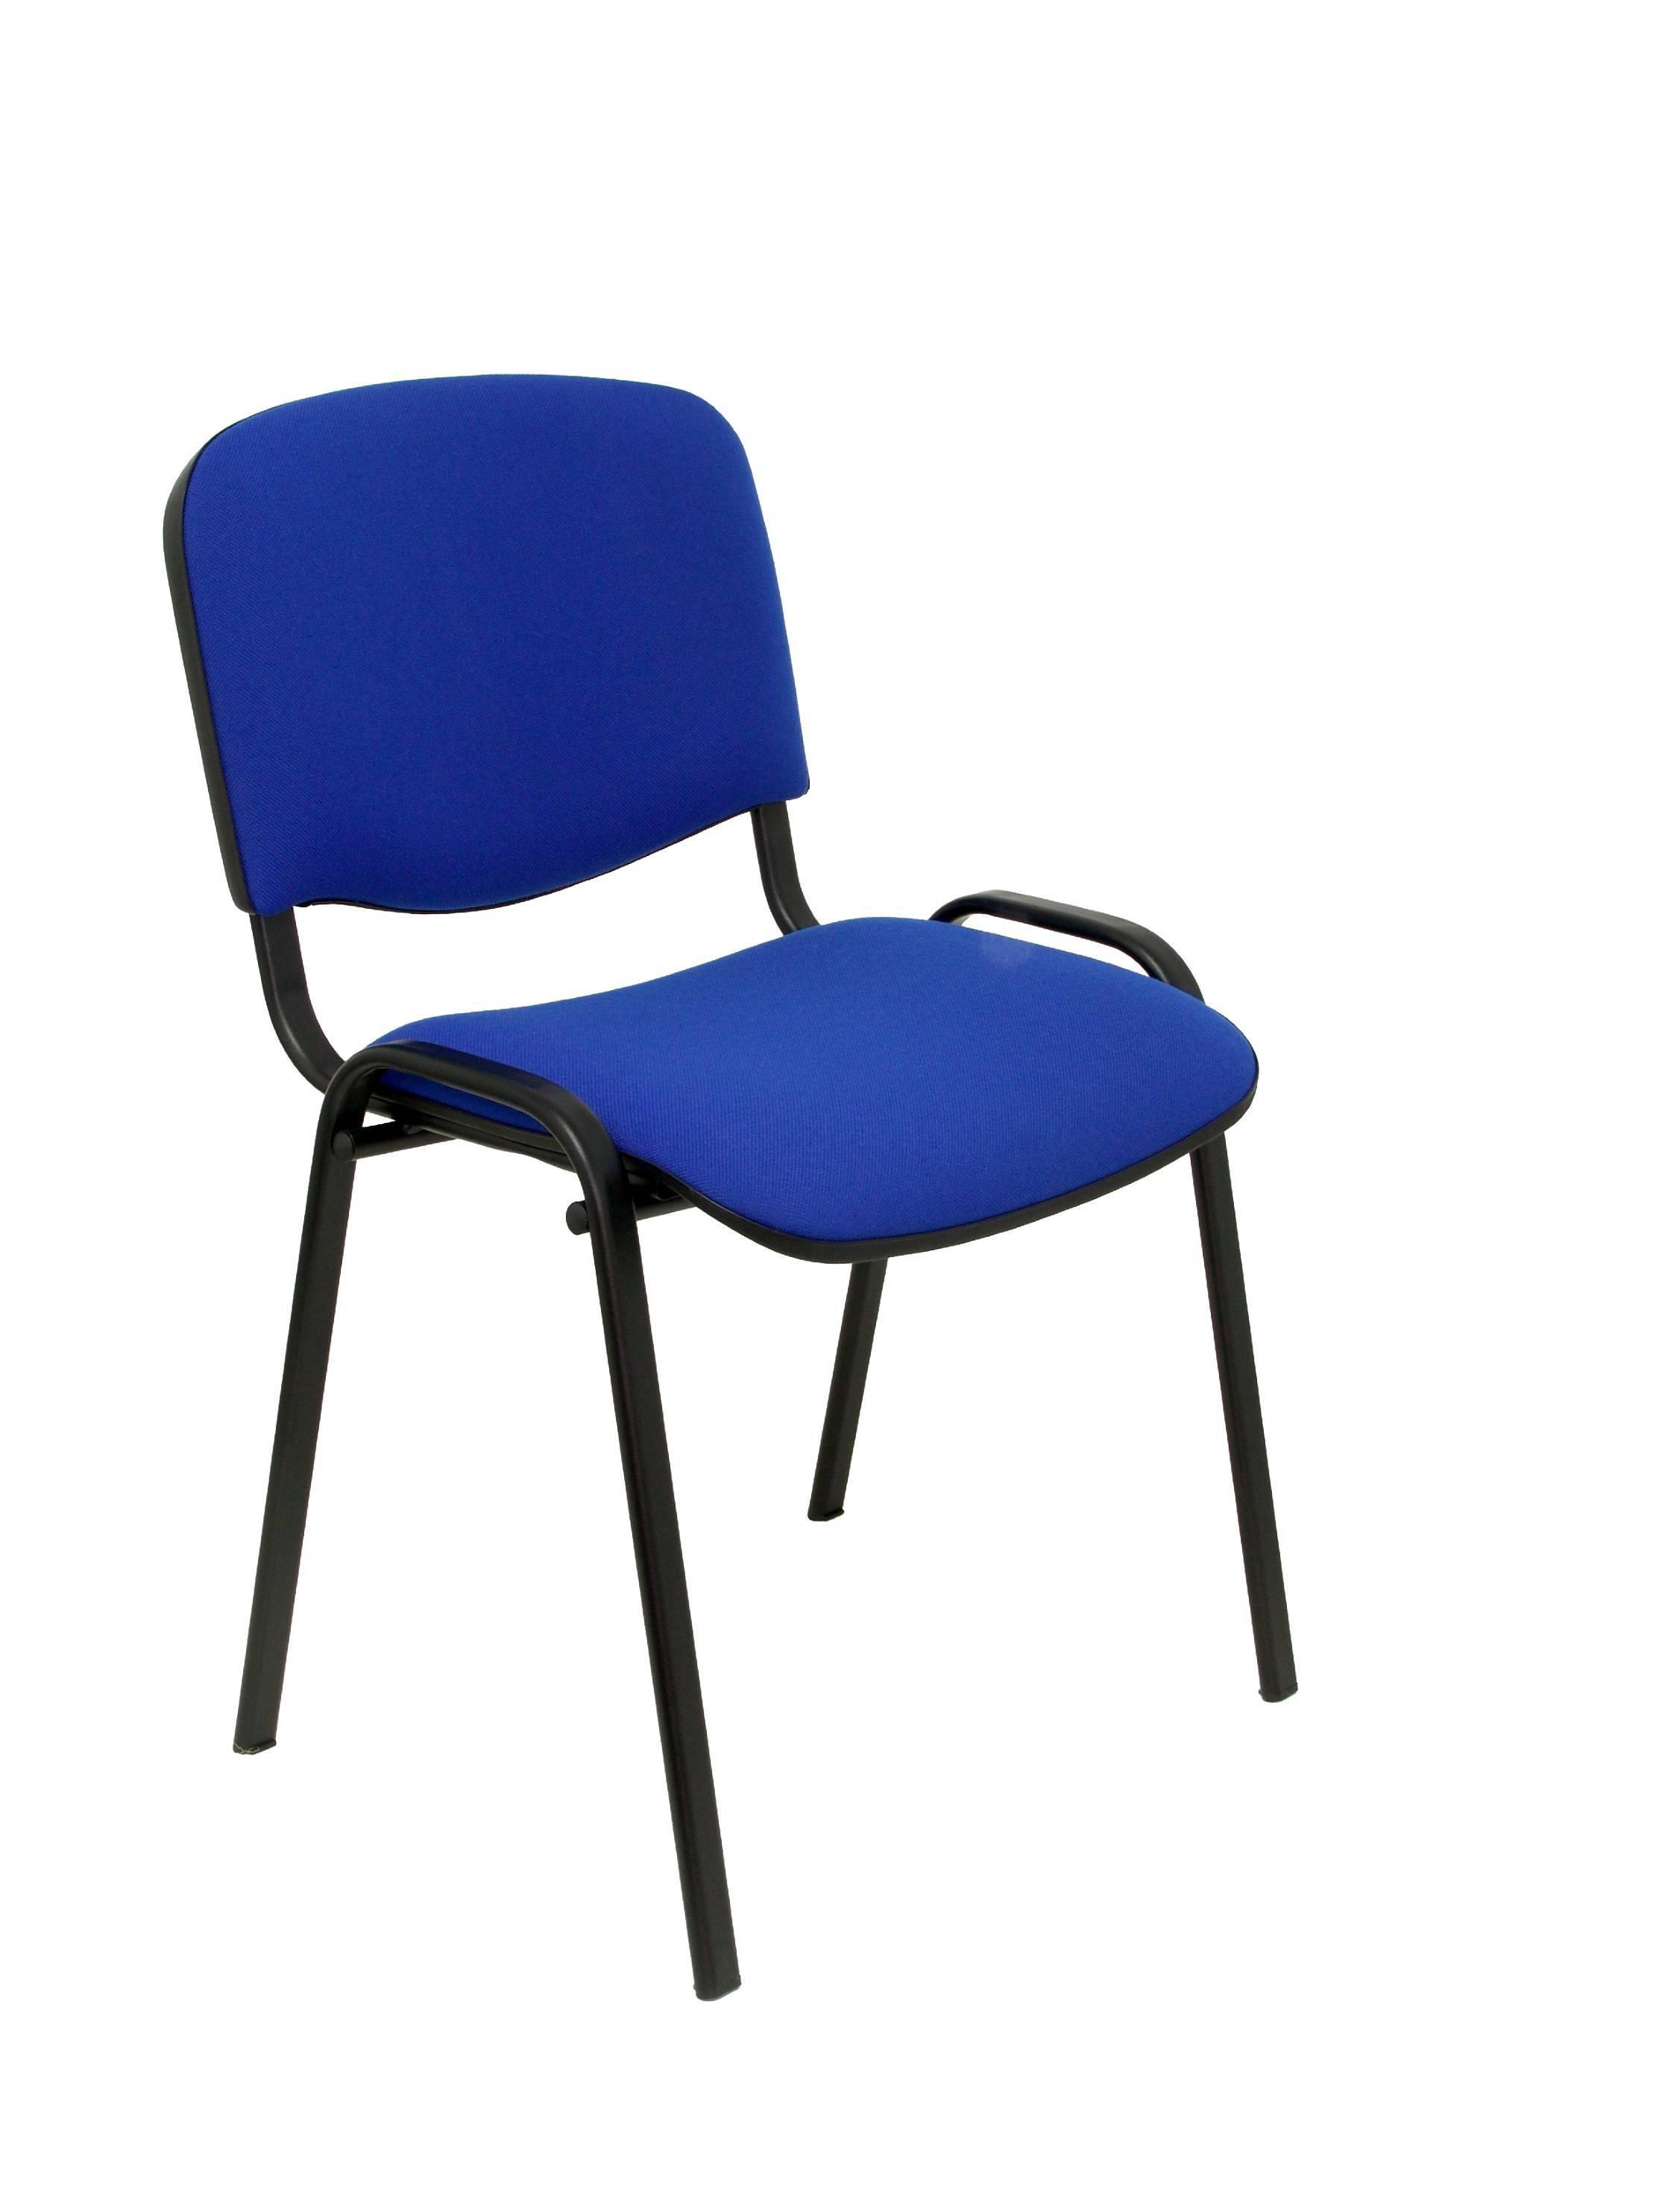 Silla Alcaraz arán azul